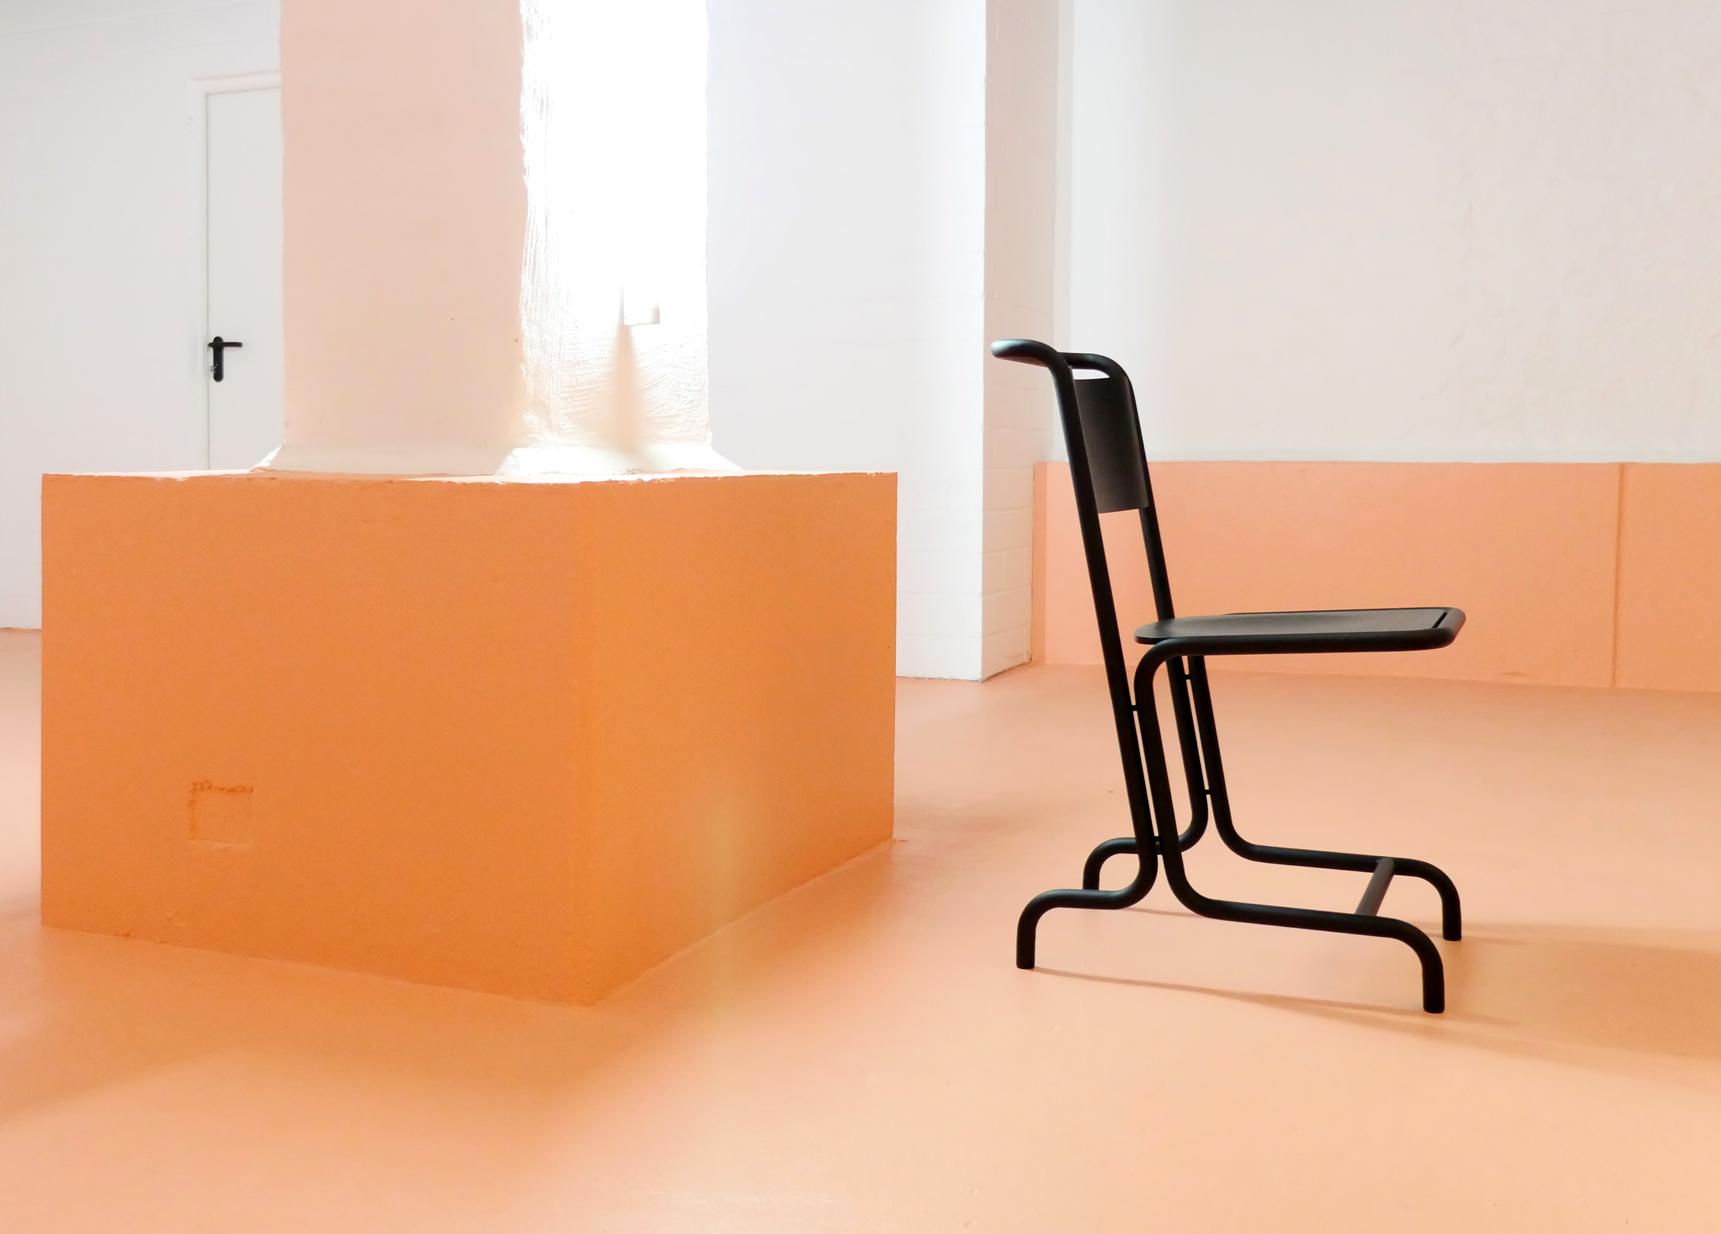 Stuhl Laszlo von Andere Weißert, Metallstuhl mit Formholz aus Esche